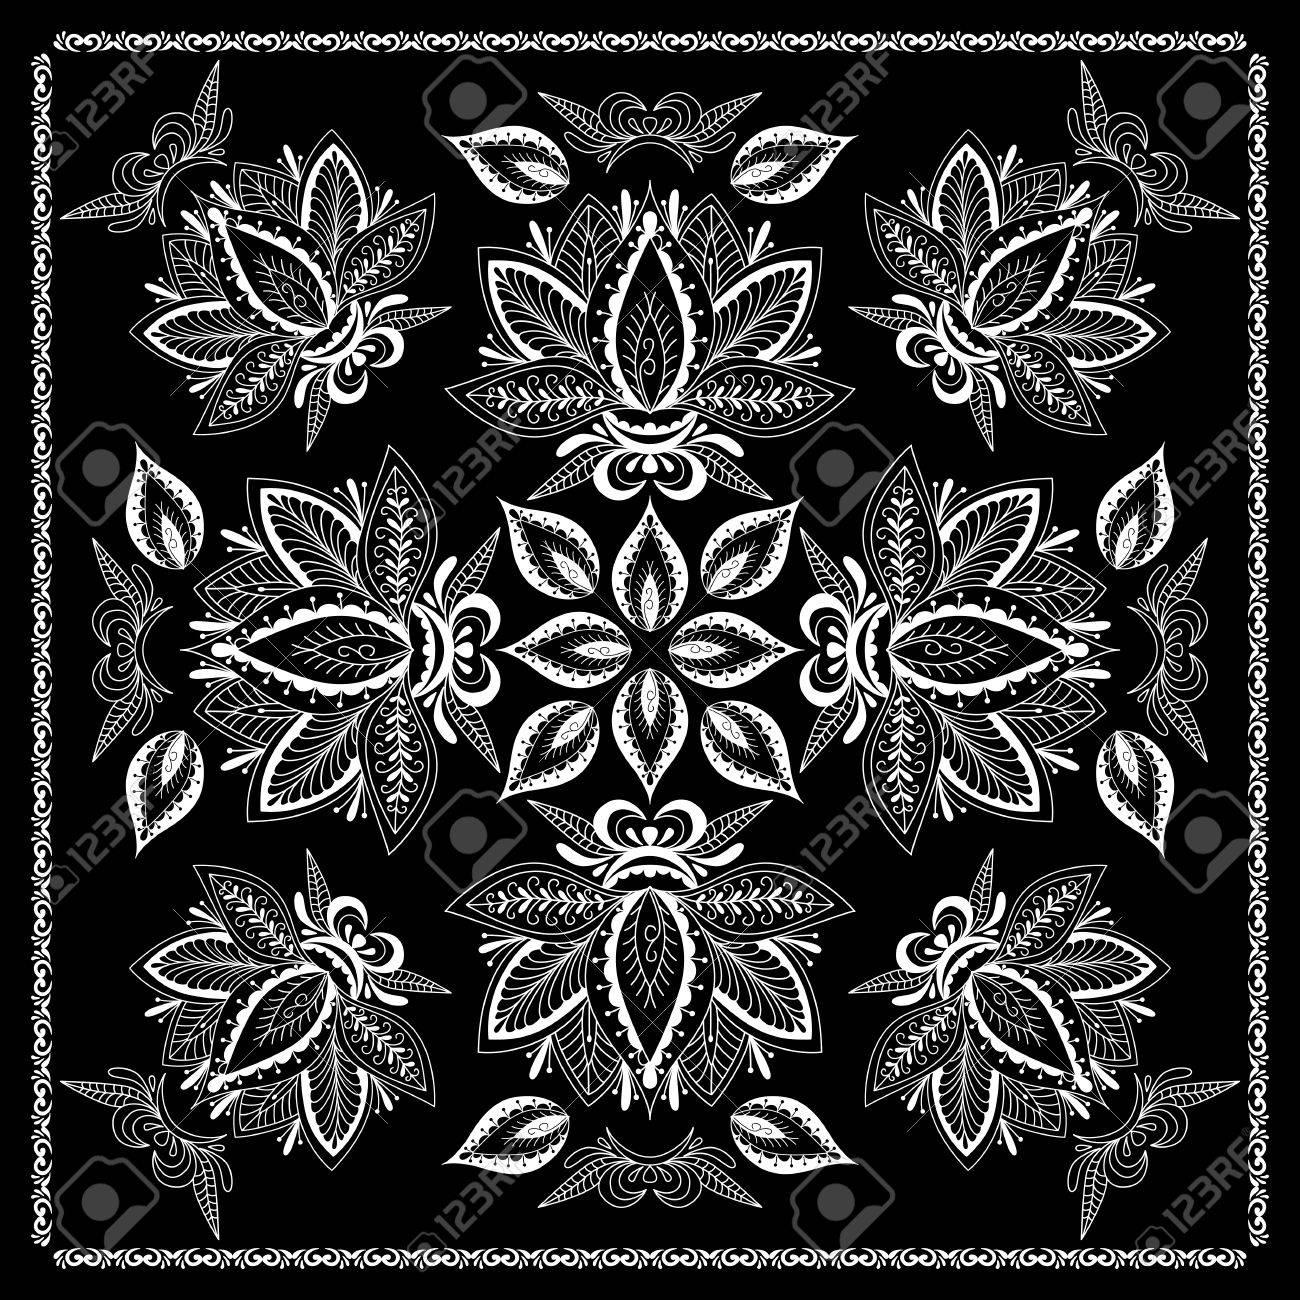 Noir Et Blanc Abstrait Imprime Bandana Avec Un Style Element De Henne Design Pattern Square Pour Oreiller Tapis Tapis Design For Foulard De Soie